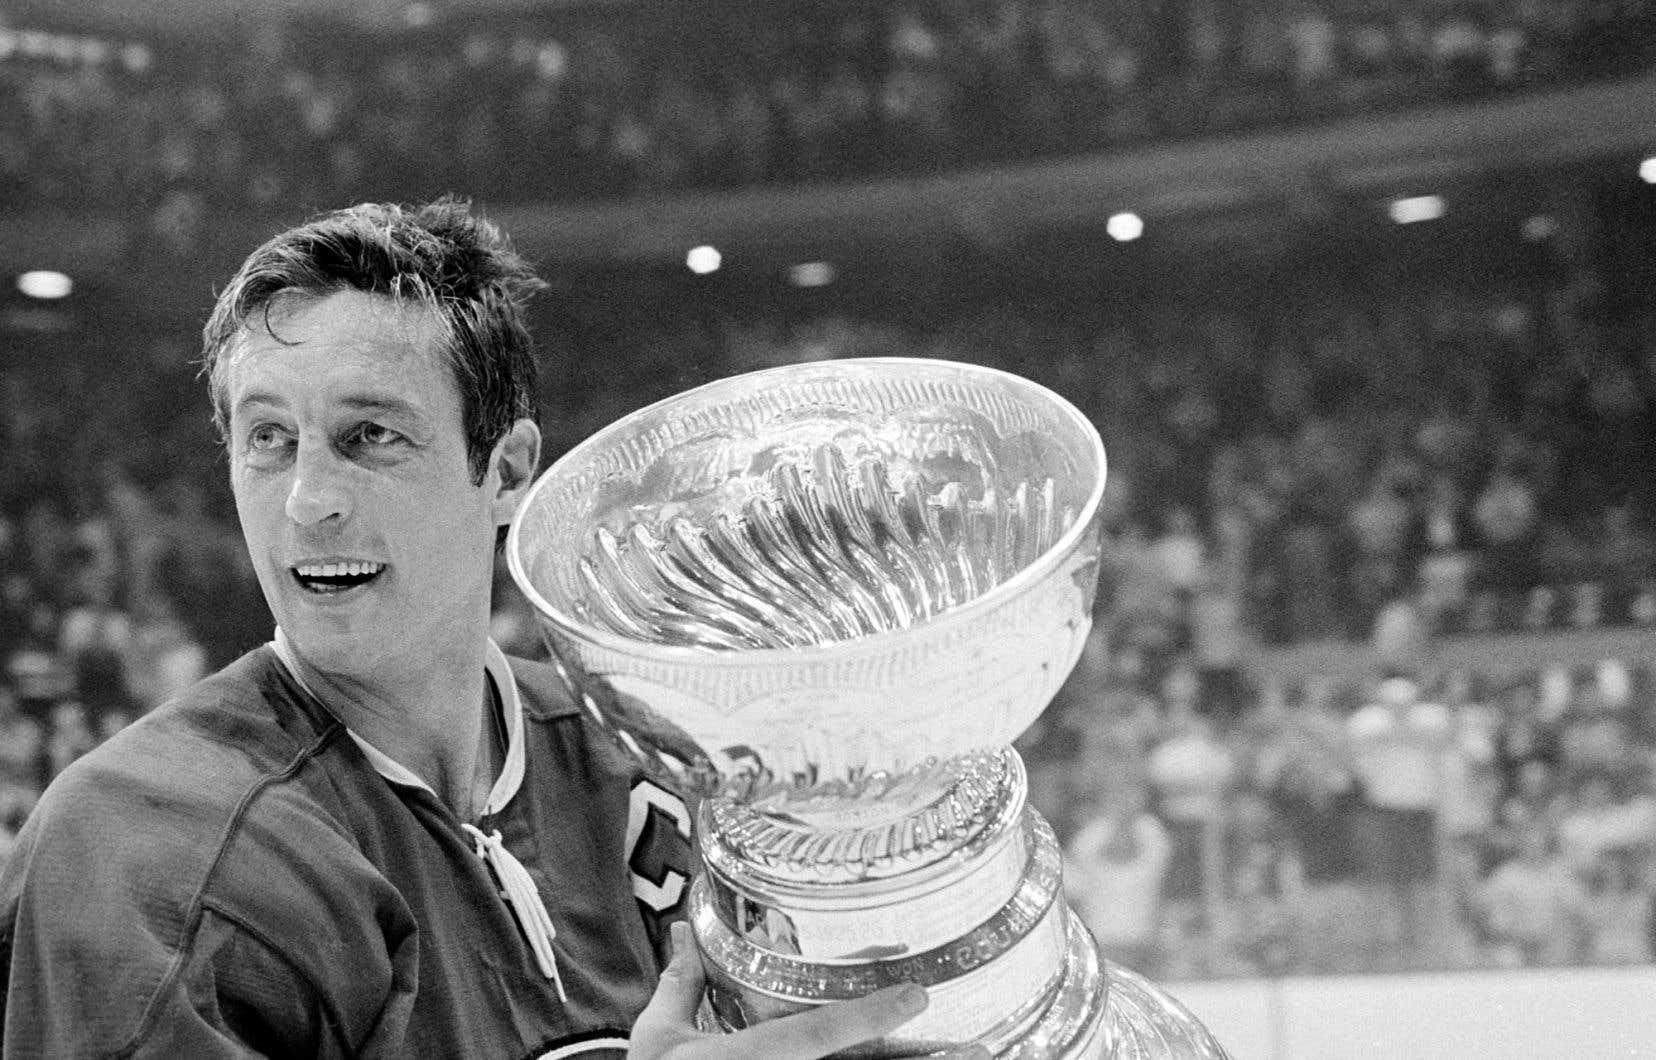 Le capitaine du Canadien, Jean Béliveau, tenant la coupe Stanley remportée le 18 mai 1971 contre les Black Hawks, à Chicago. Ce fut la 10e et dernière du légendaire joueur.